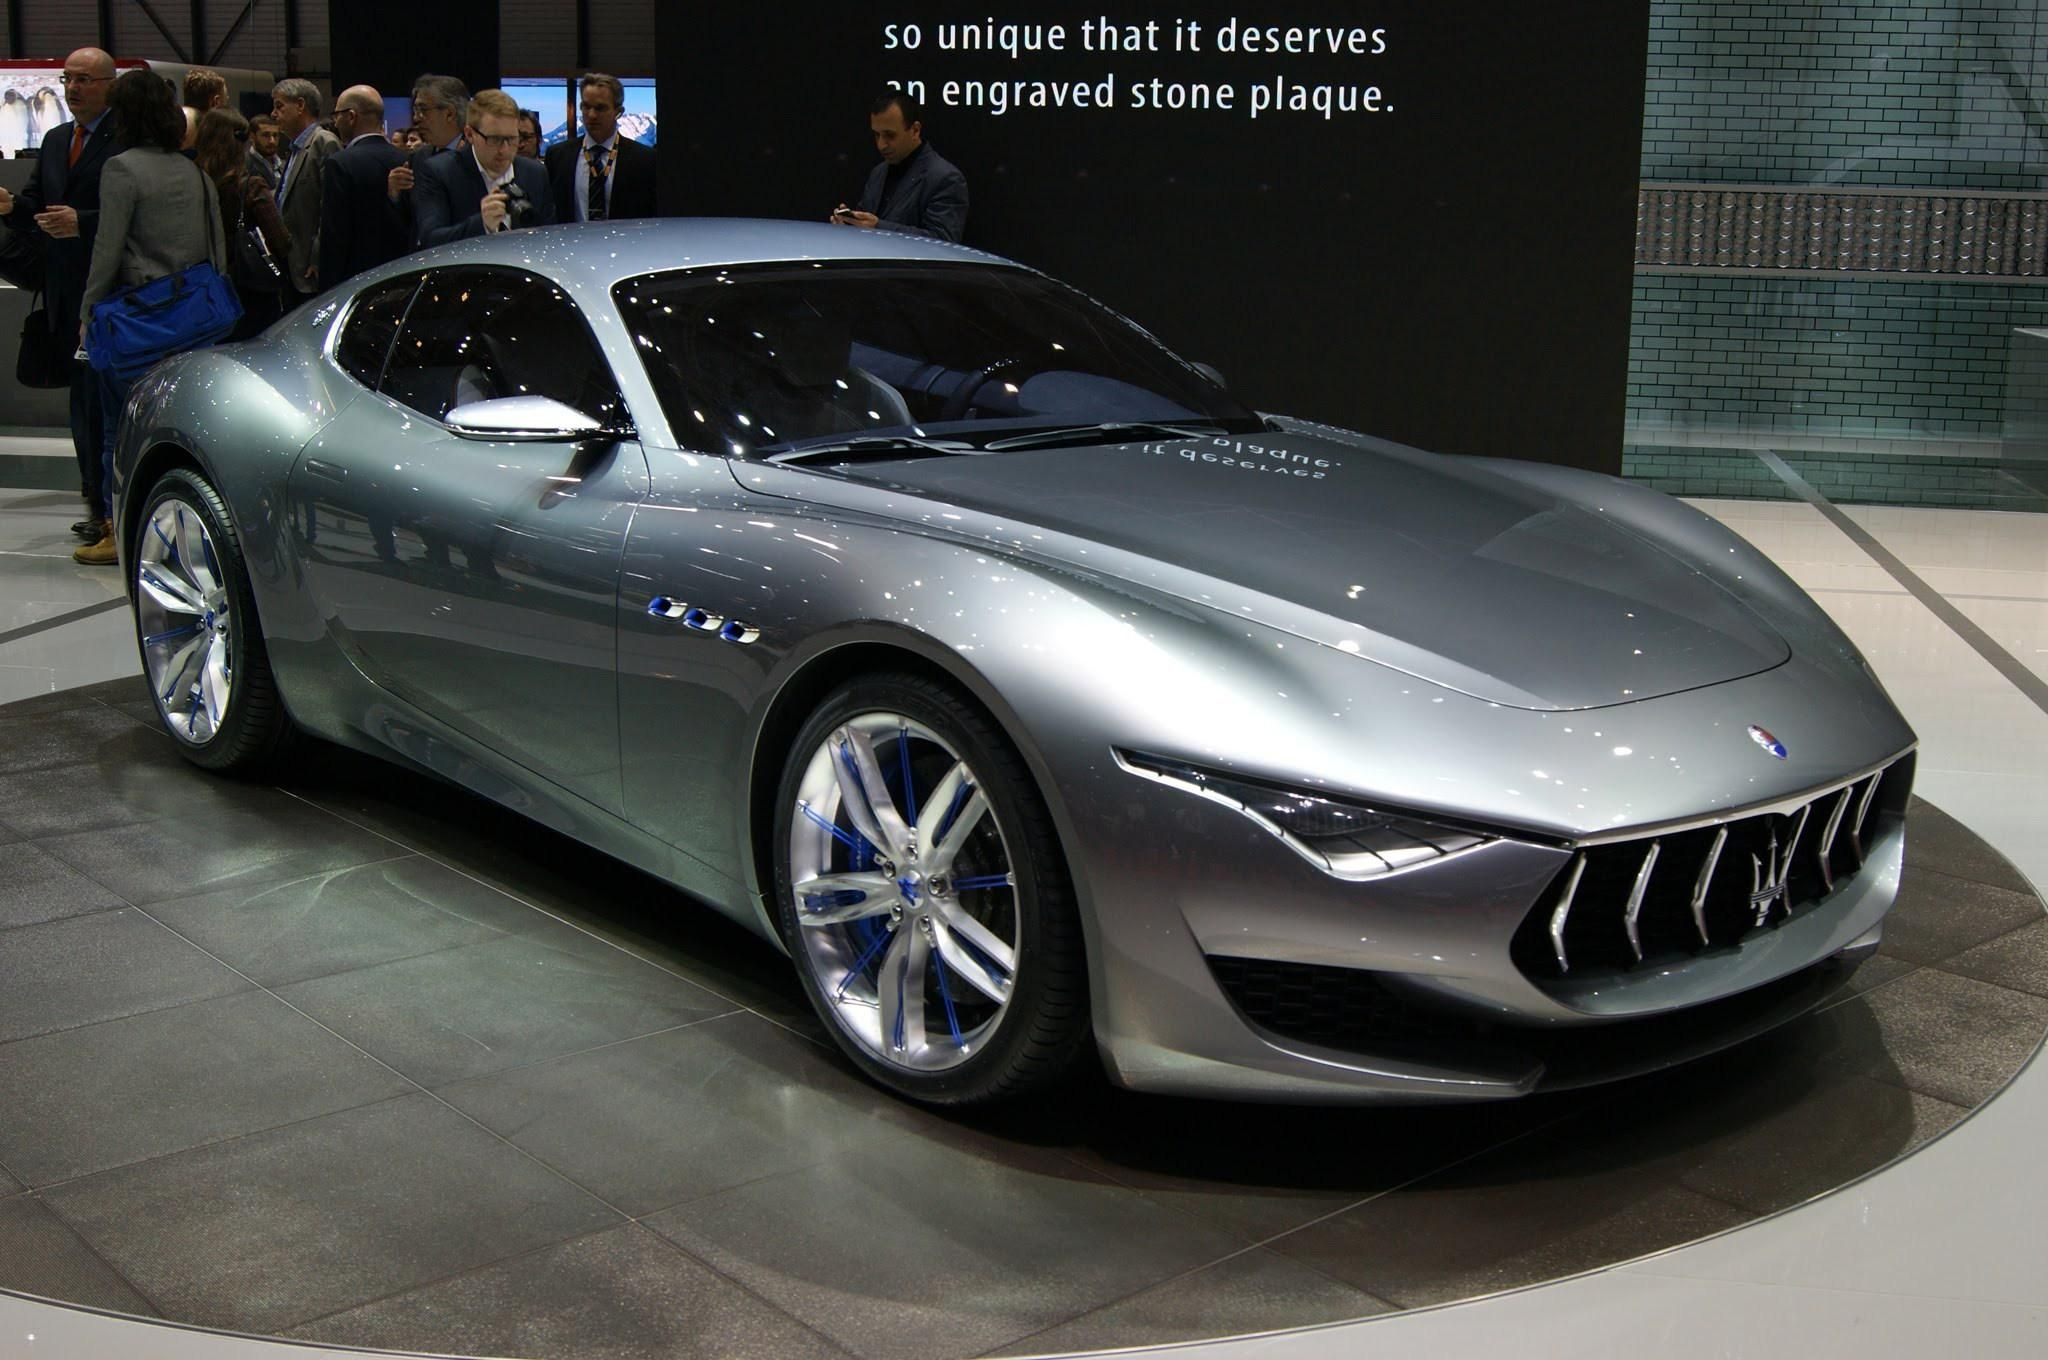 2018 Maserati Granturismo Sport Price, Interior, Specs ...